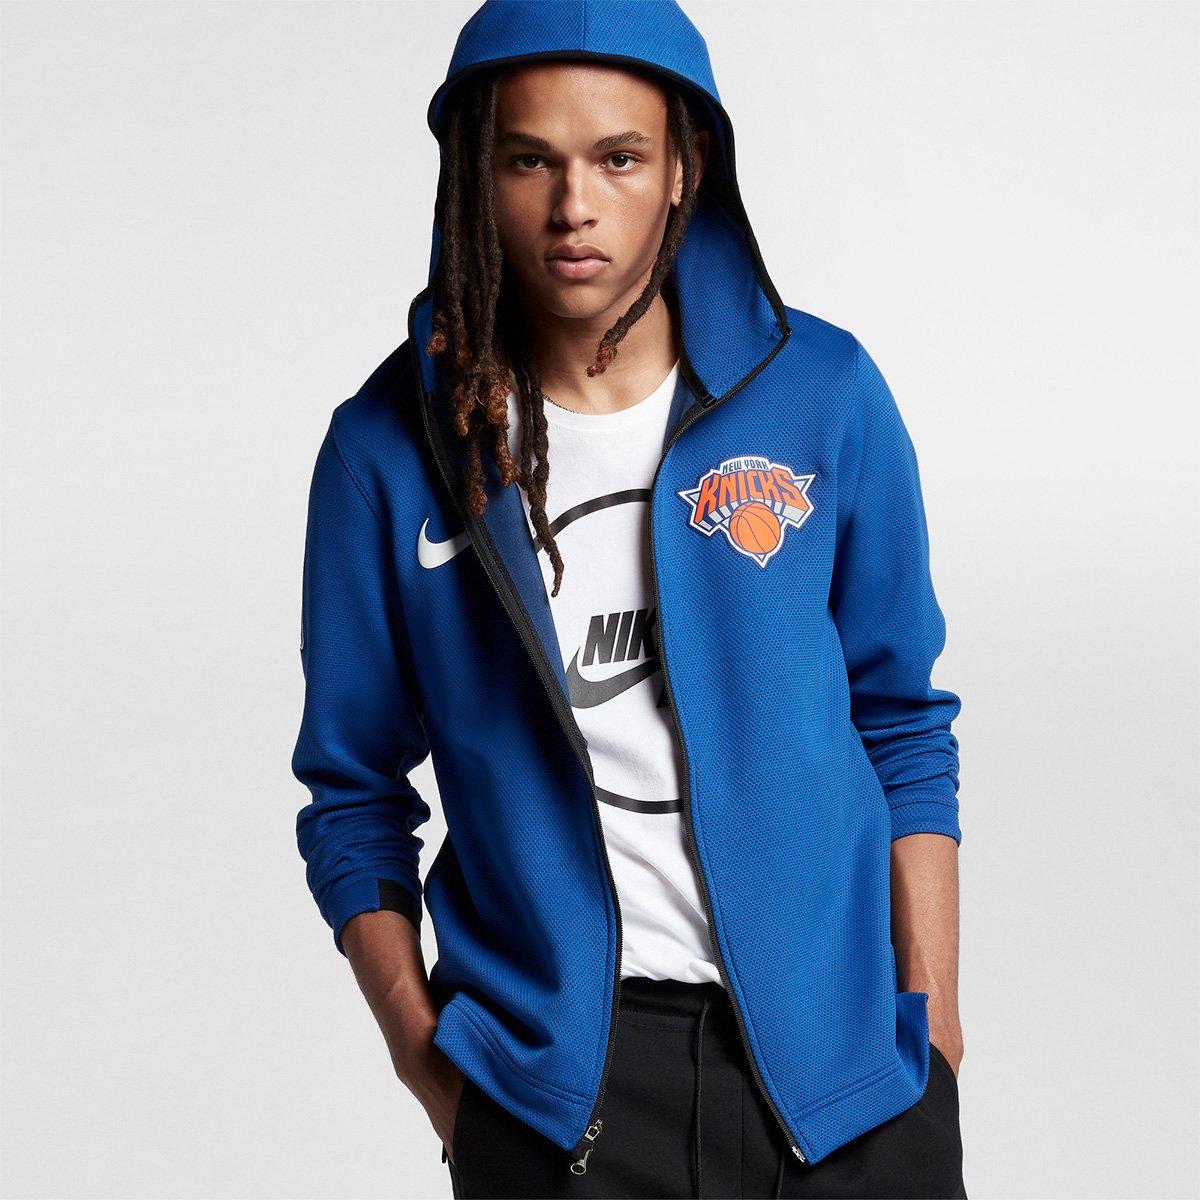 6f4d18e26 Jaqueta New York Knicks Nike Aquecimento Masculina - Compre Agora ...